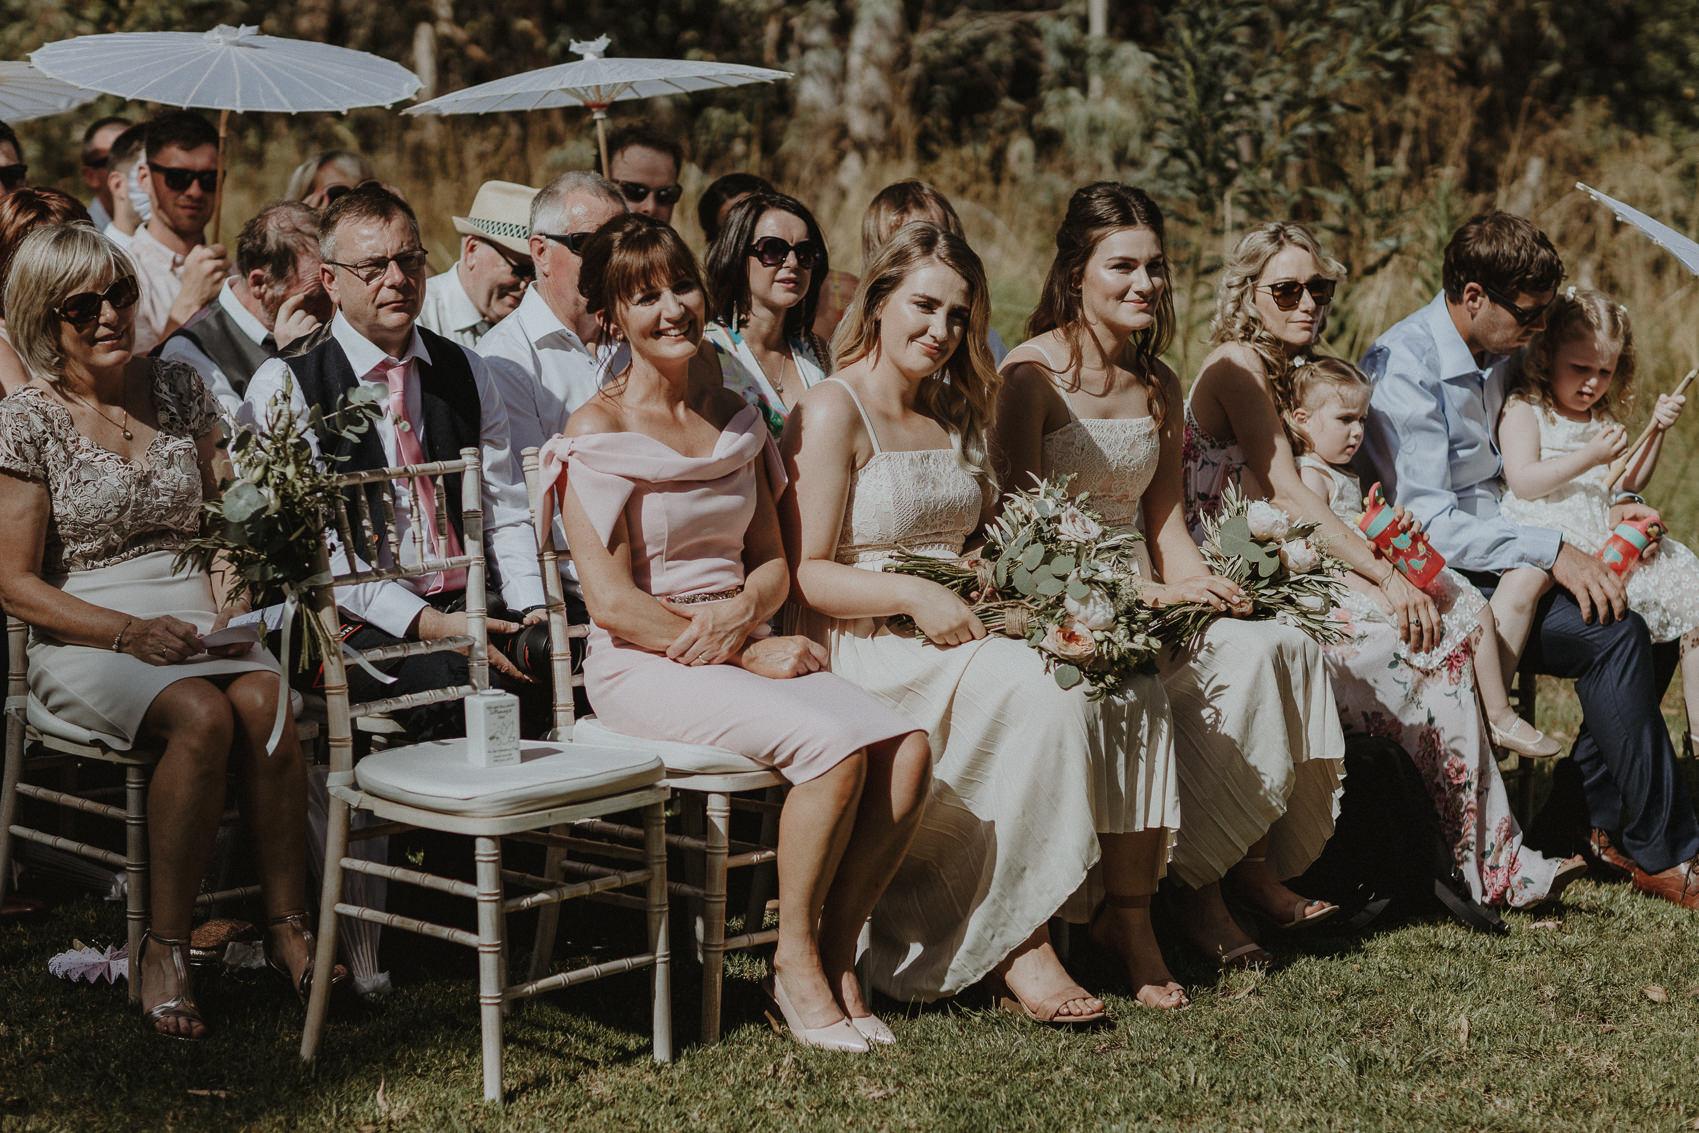 Sarah & Bill | Summer wedding at Cortijo Rosa Blanca | Marbella - Spain 74